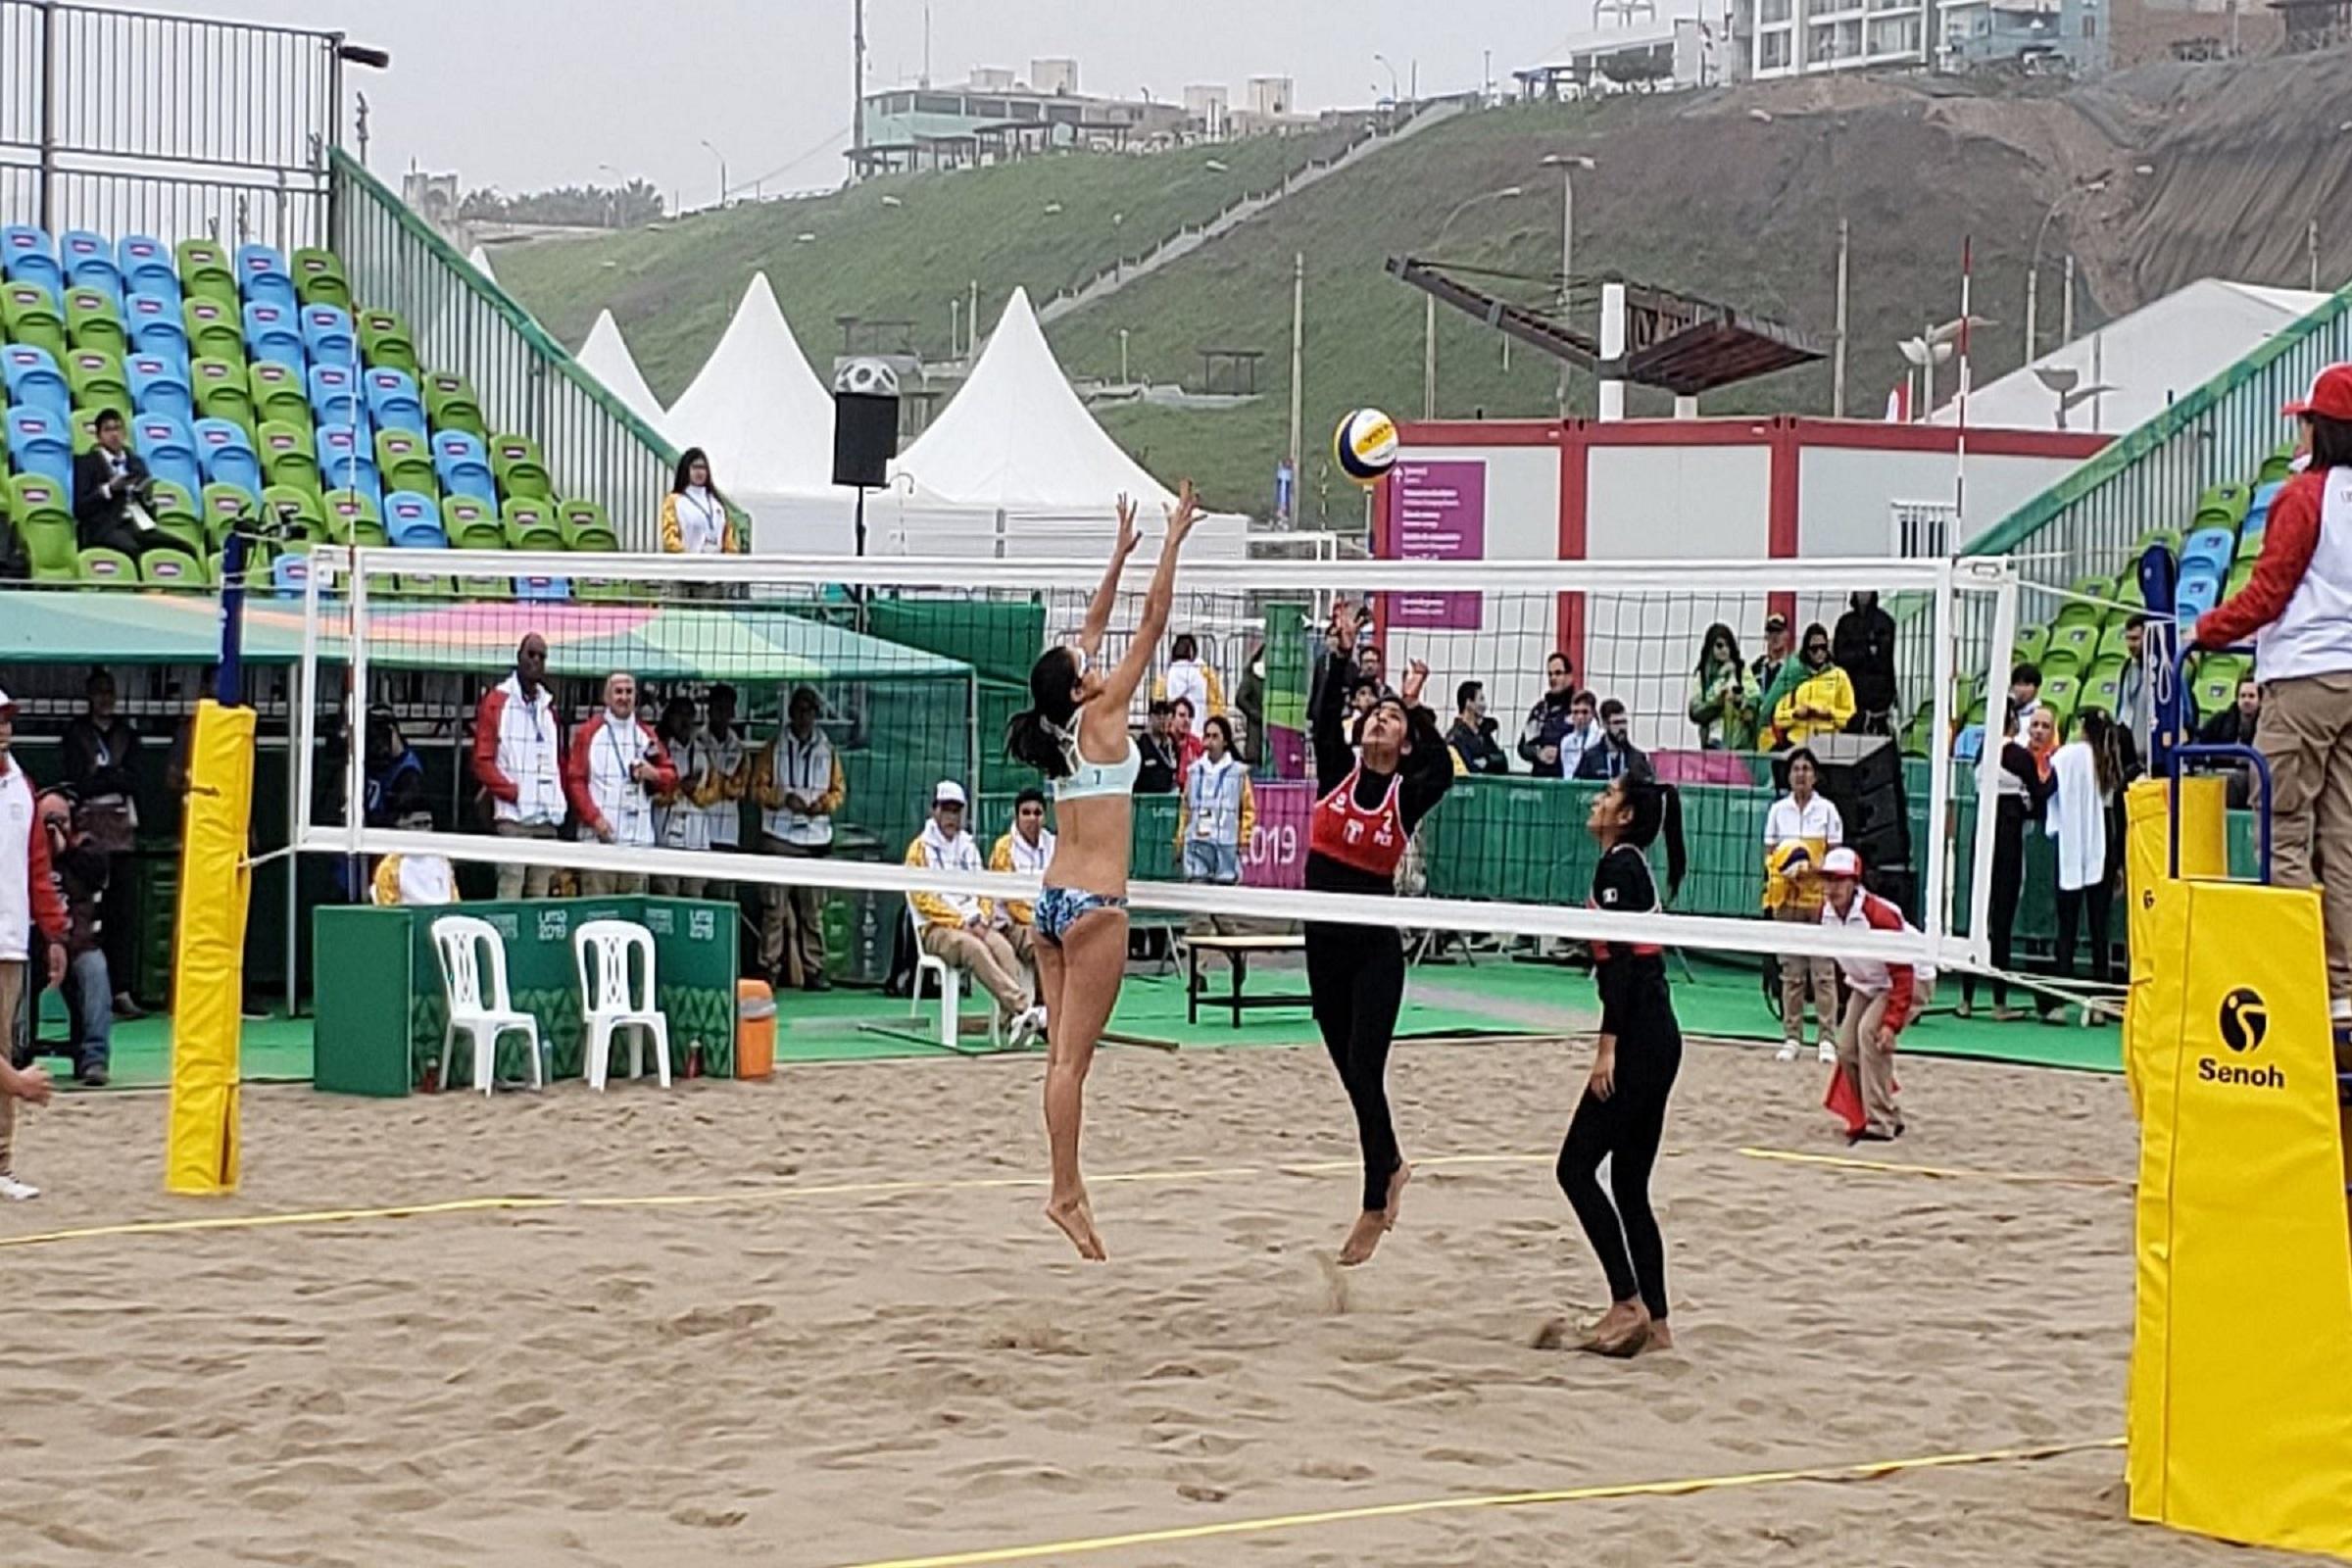 Perú vence a El Salvador en voley playa en el inicio de los Juegos Panamericanos Lima 2019